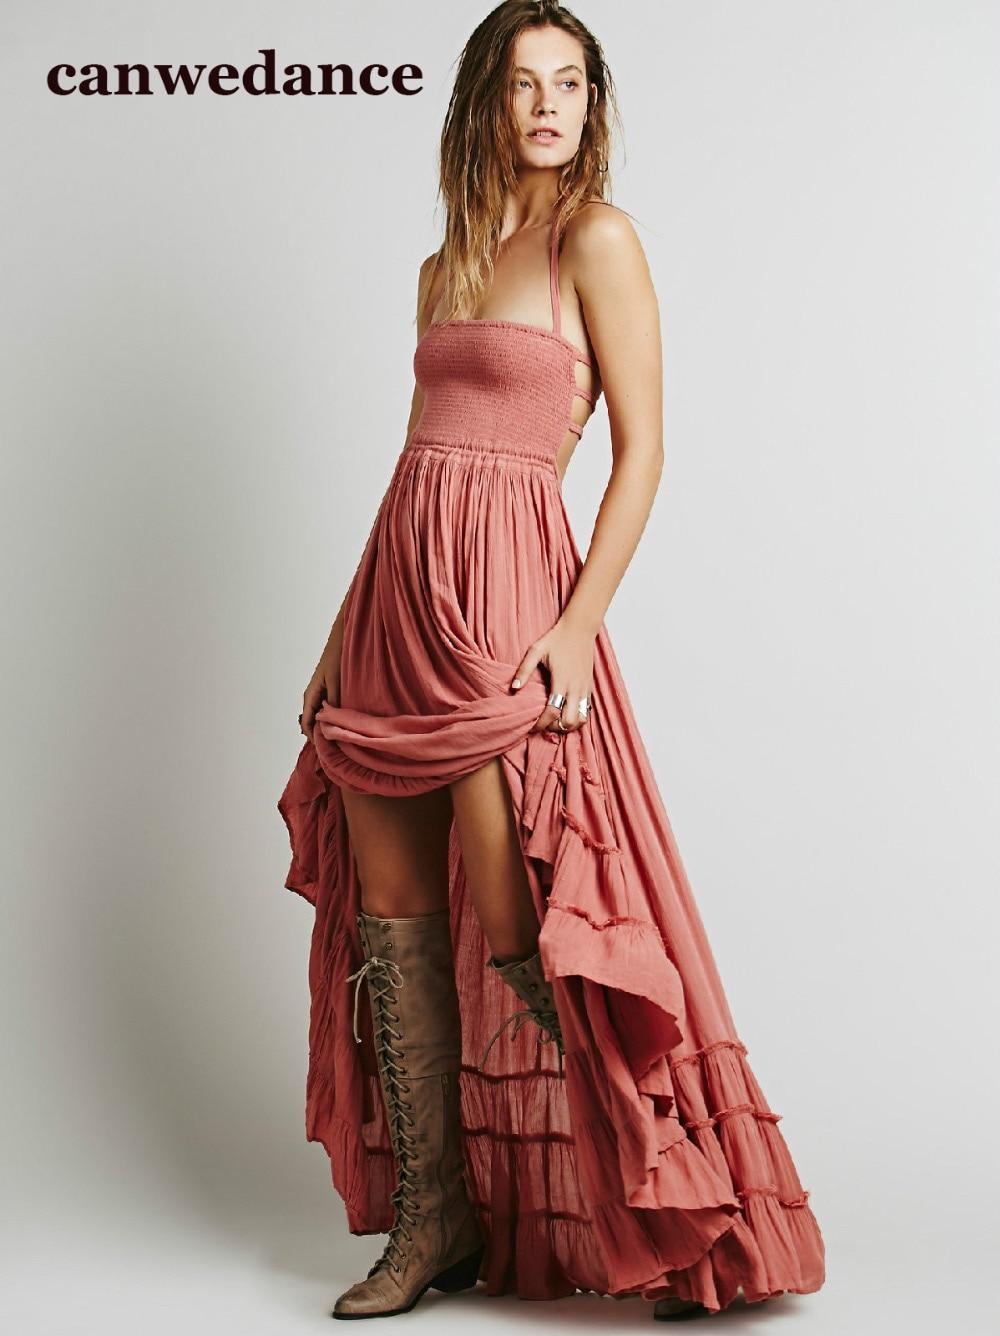 2018 Παραλία φόρεμα σέξι φορέματα boho μποέμ καυκάσιος διακοπές καλοκαίρι μακρύς backless βαμβάκι γυναίκες κόμμα hippie chic vestidos mujer